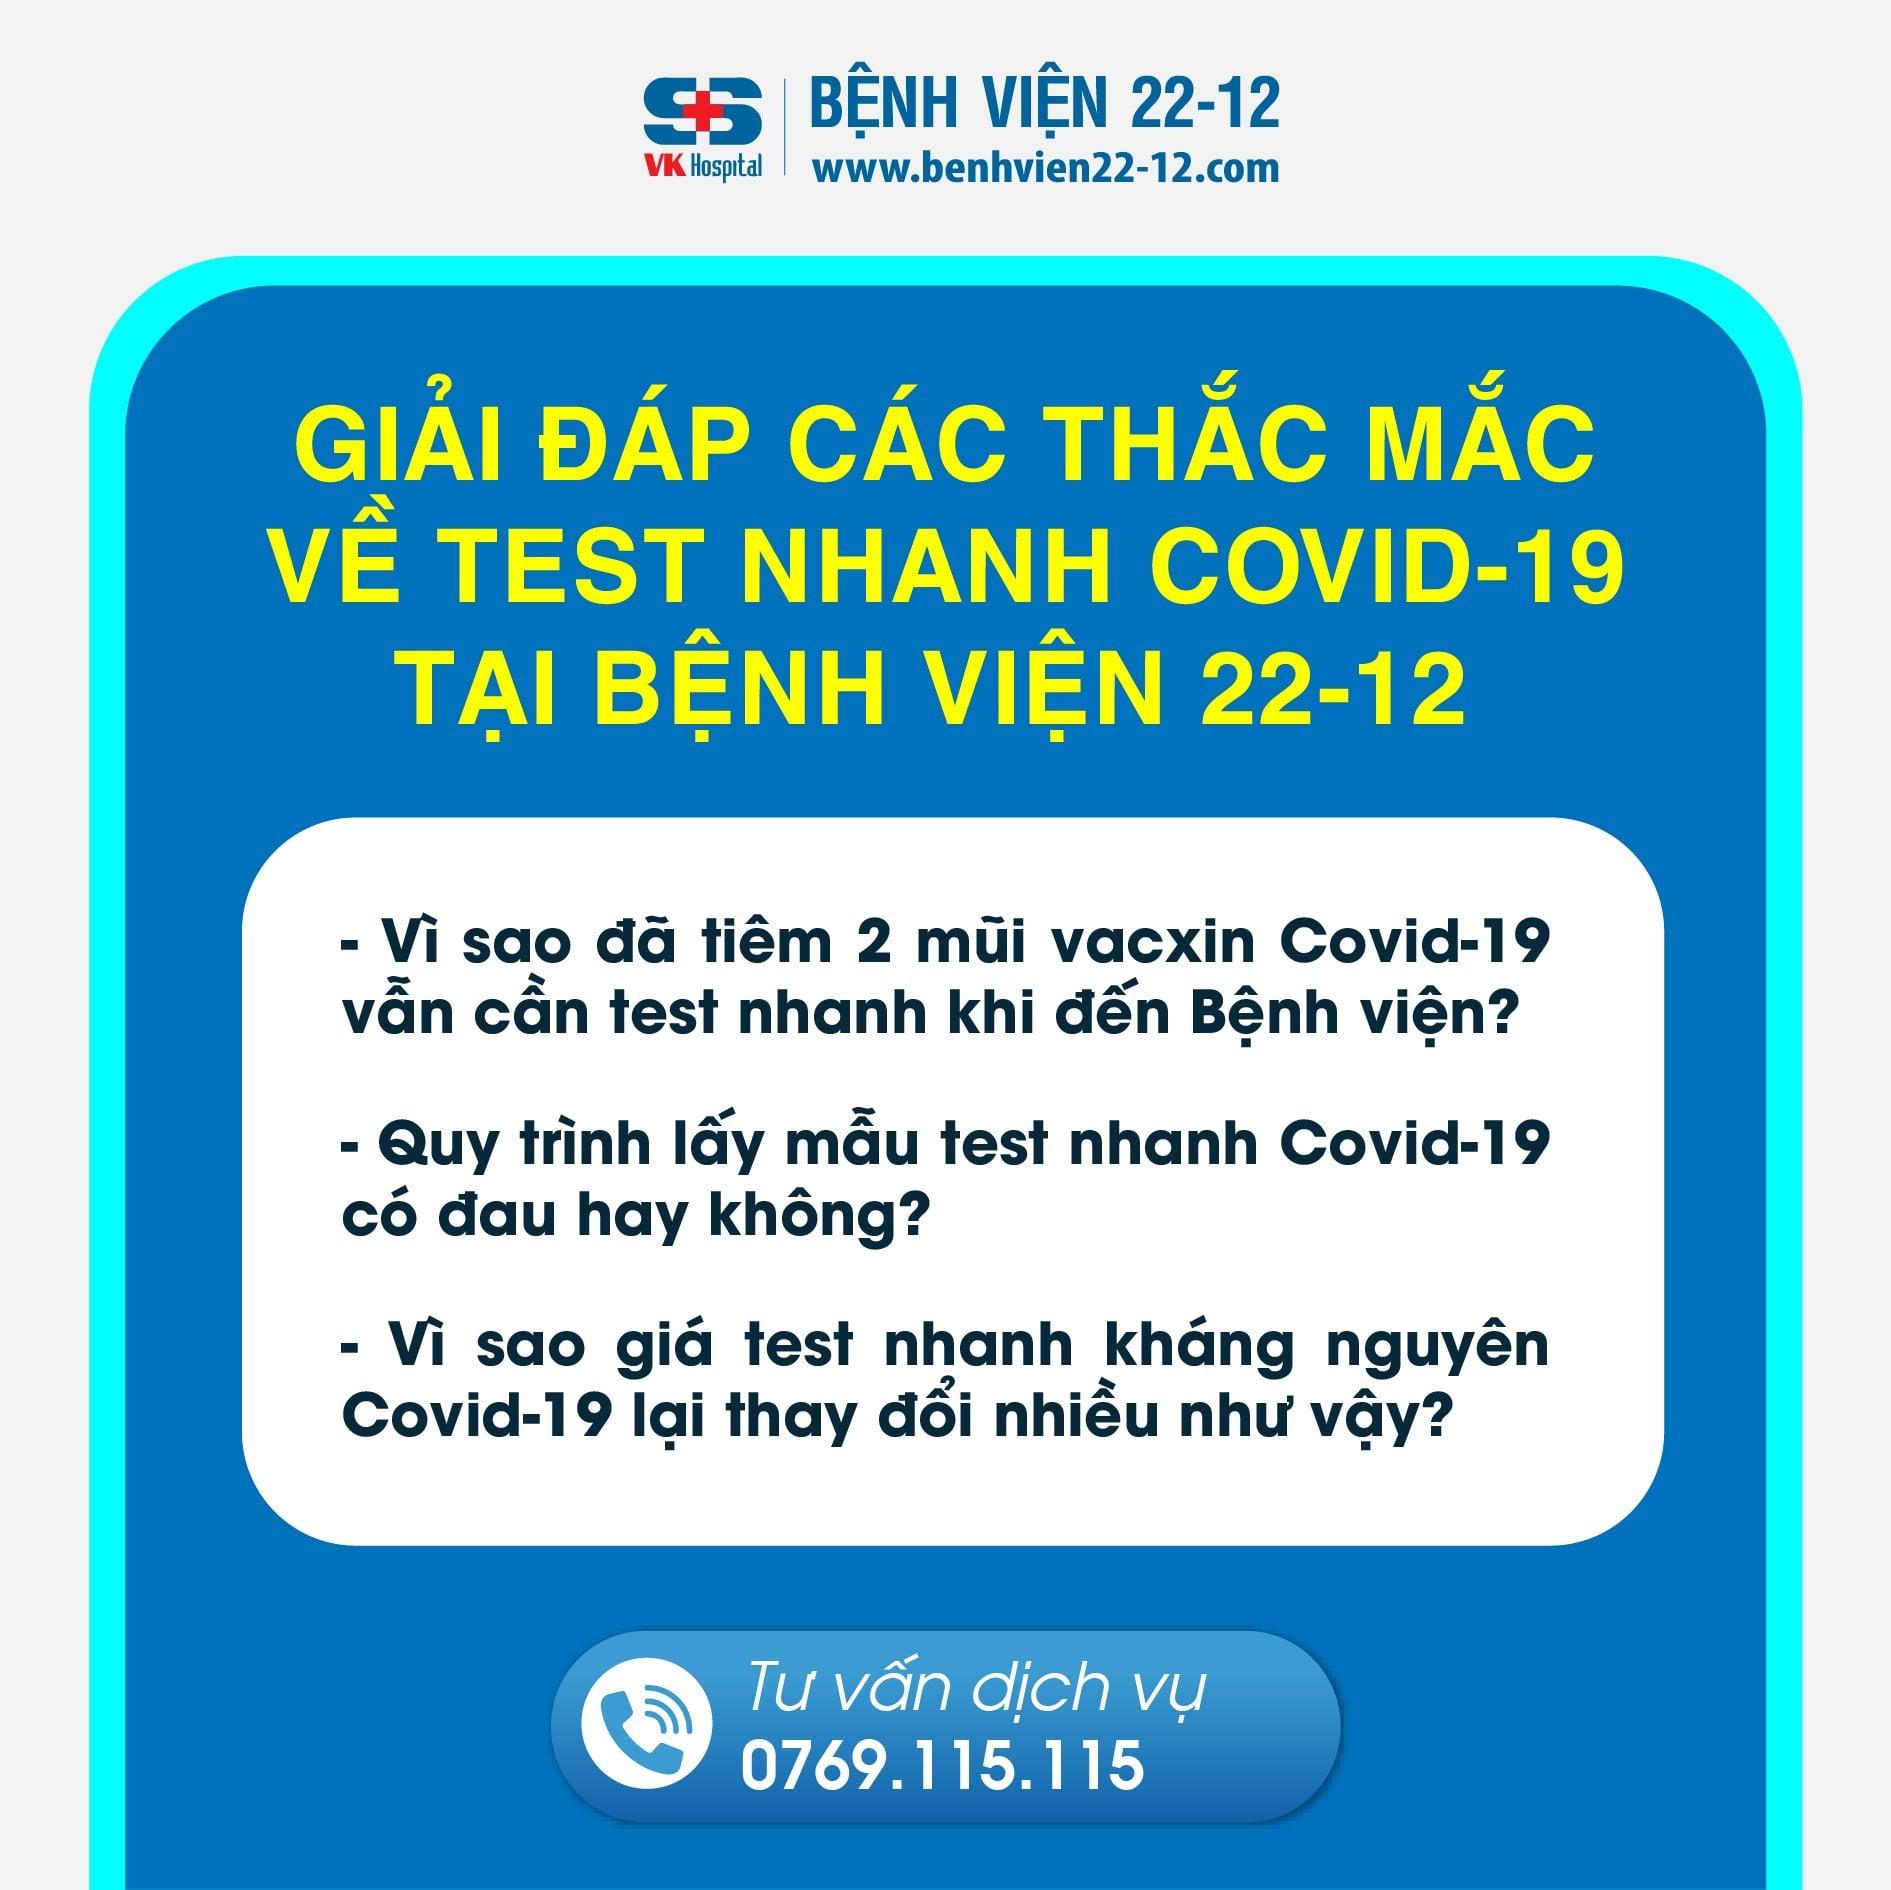 Bệnh viện 22-12   Quy định về test nhanh Covid